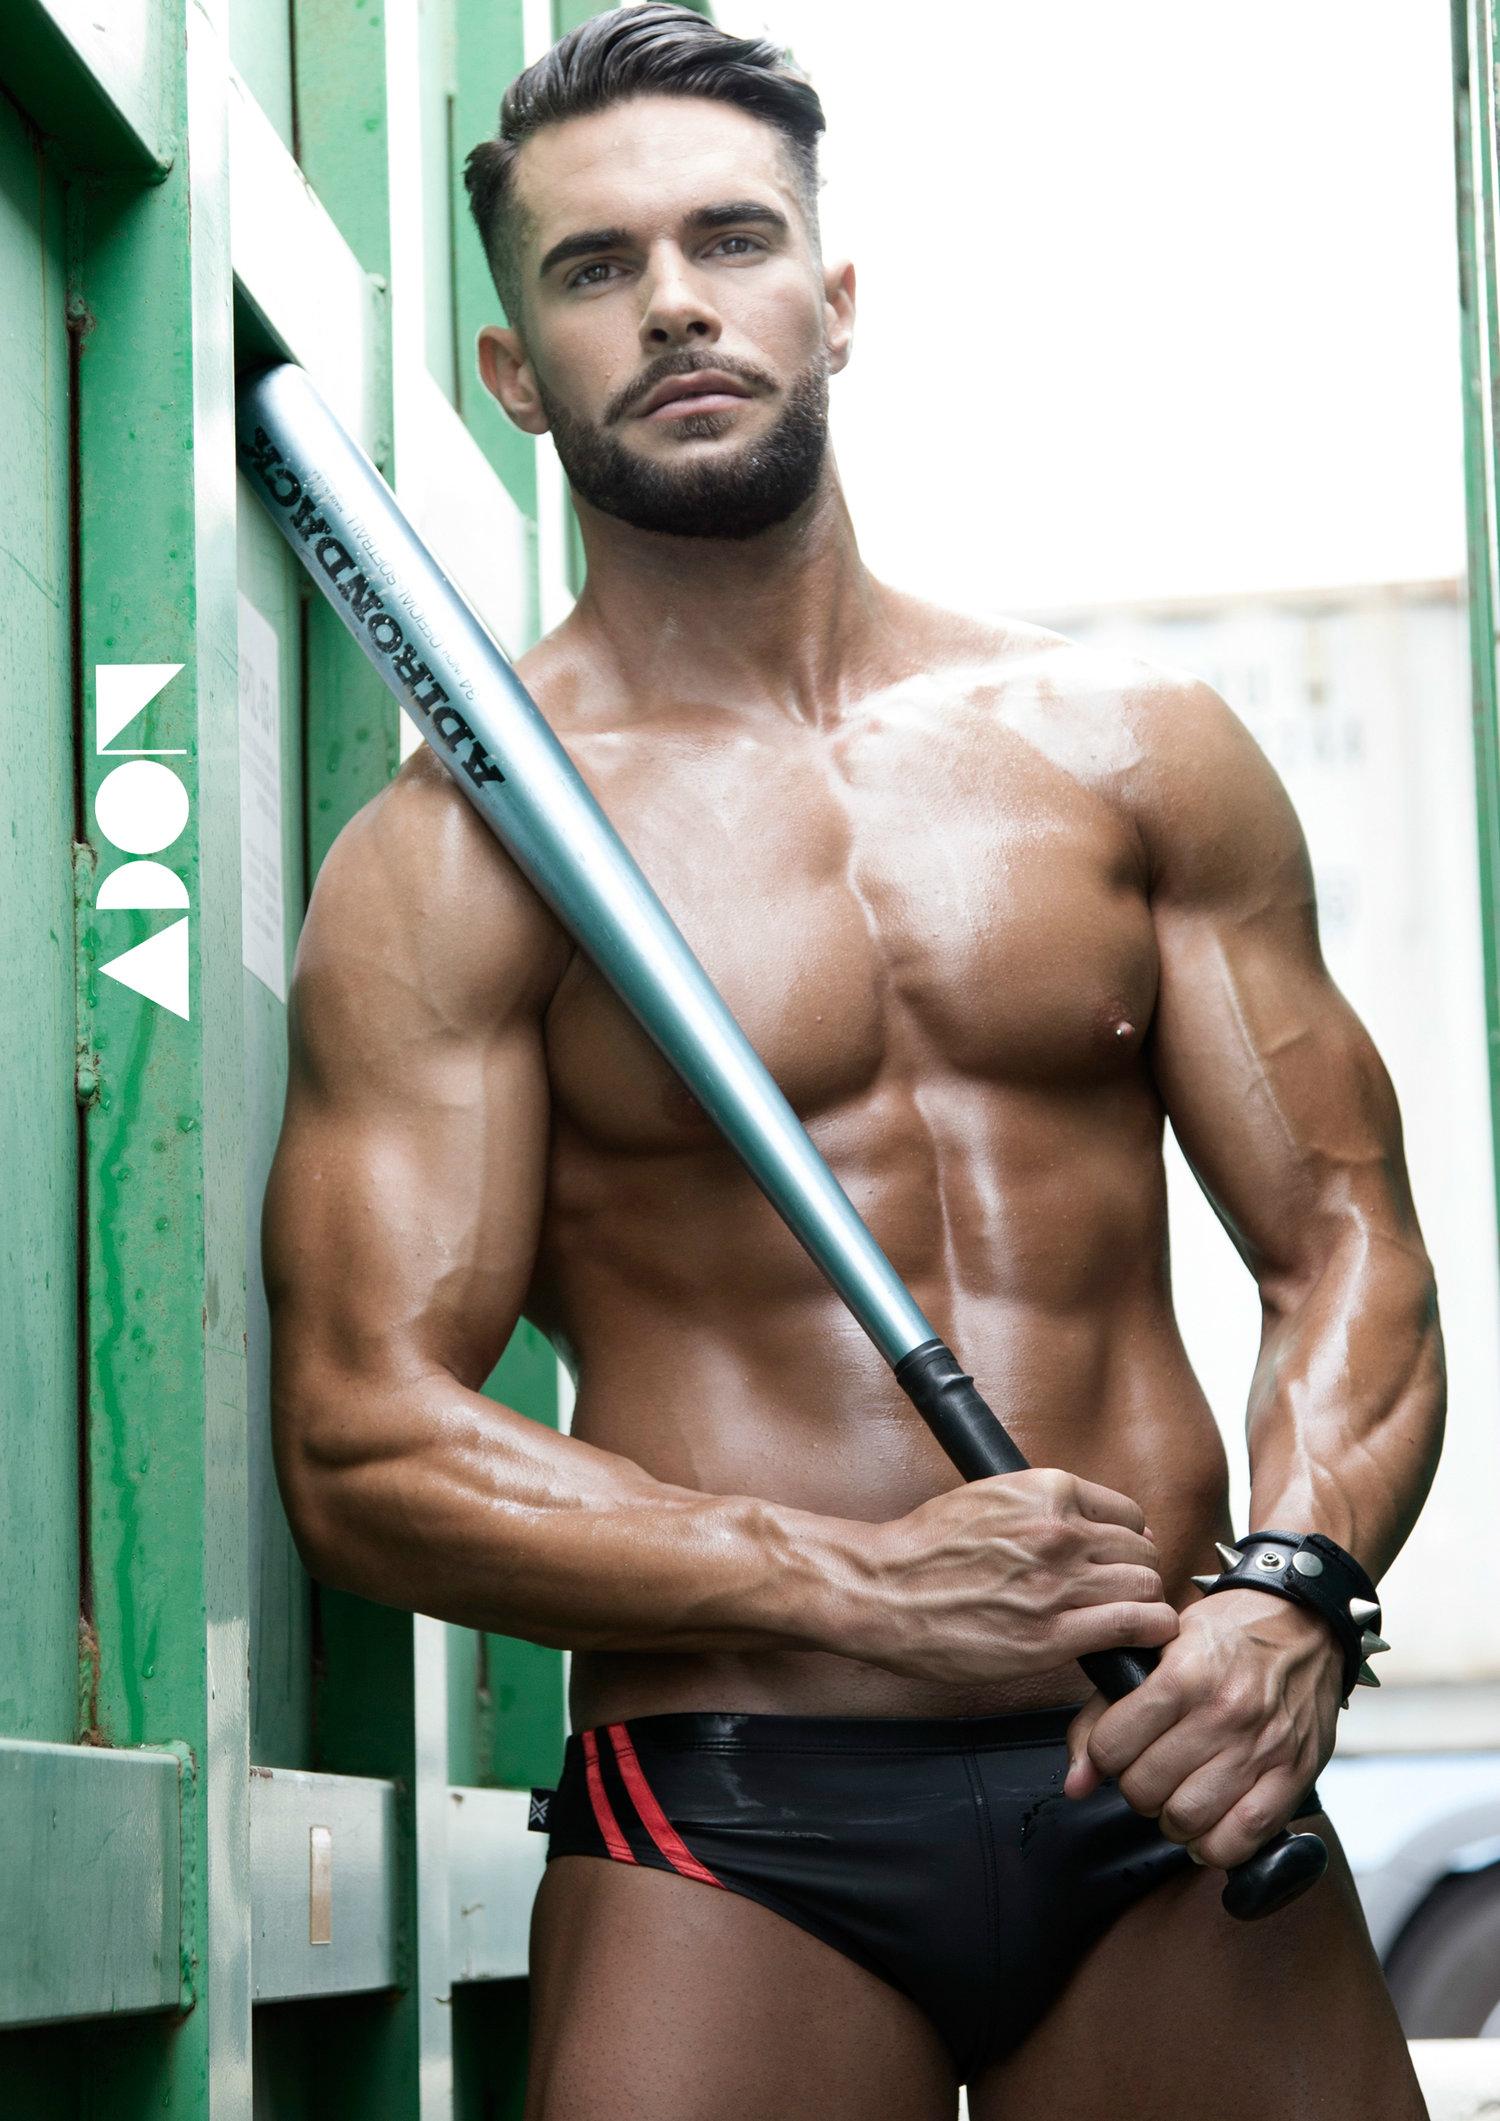 Adon Exclusive: Model Adrian Munoz By Carlos Buenosite